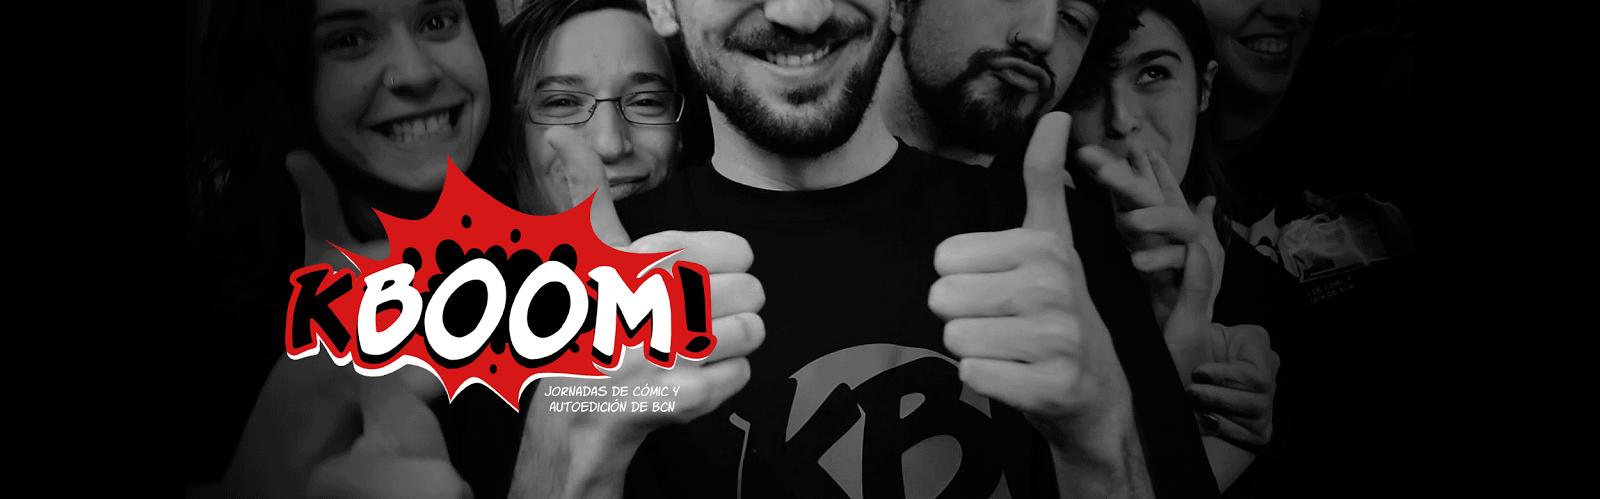 KBOOM! Jornadas Culturales de Cómic y Autoedición de BCN